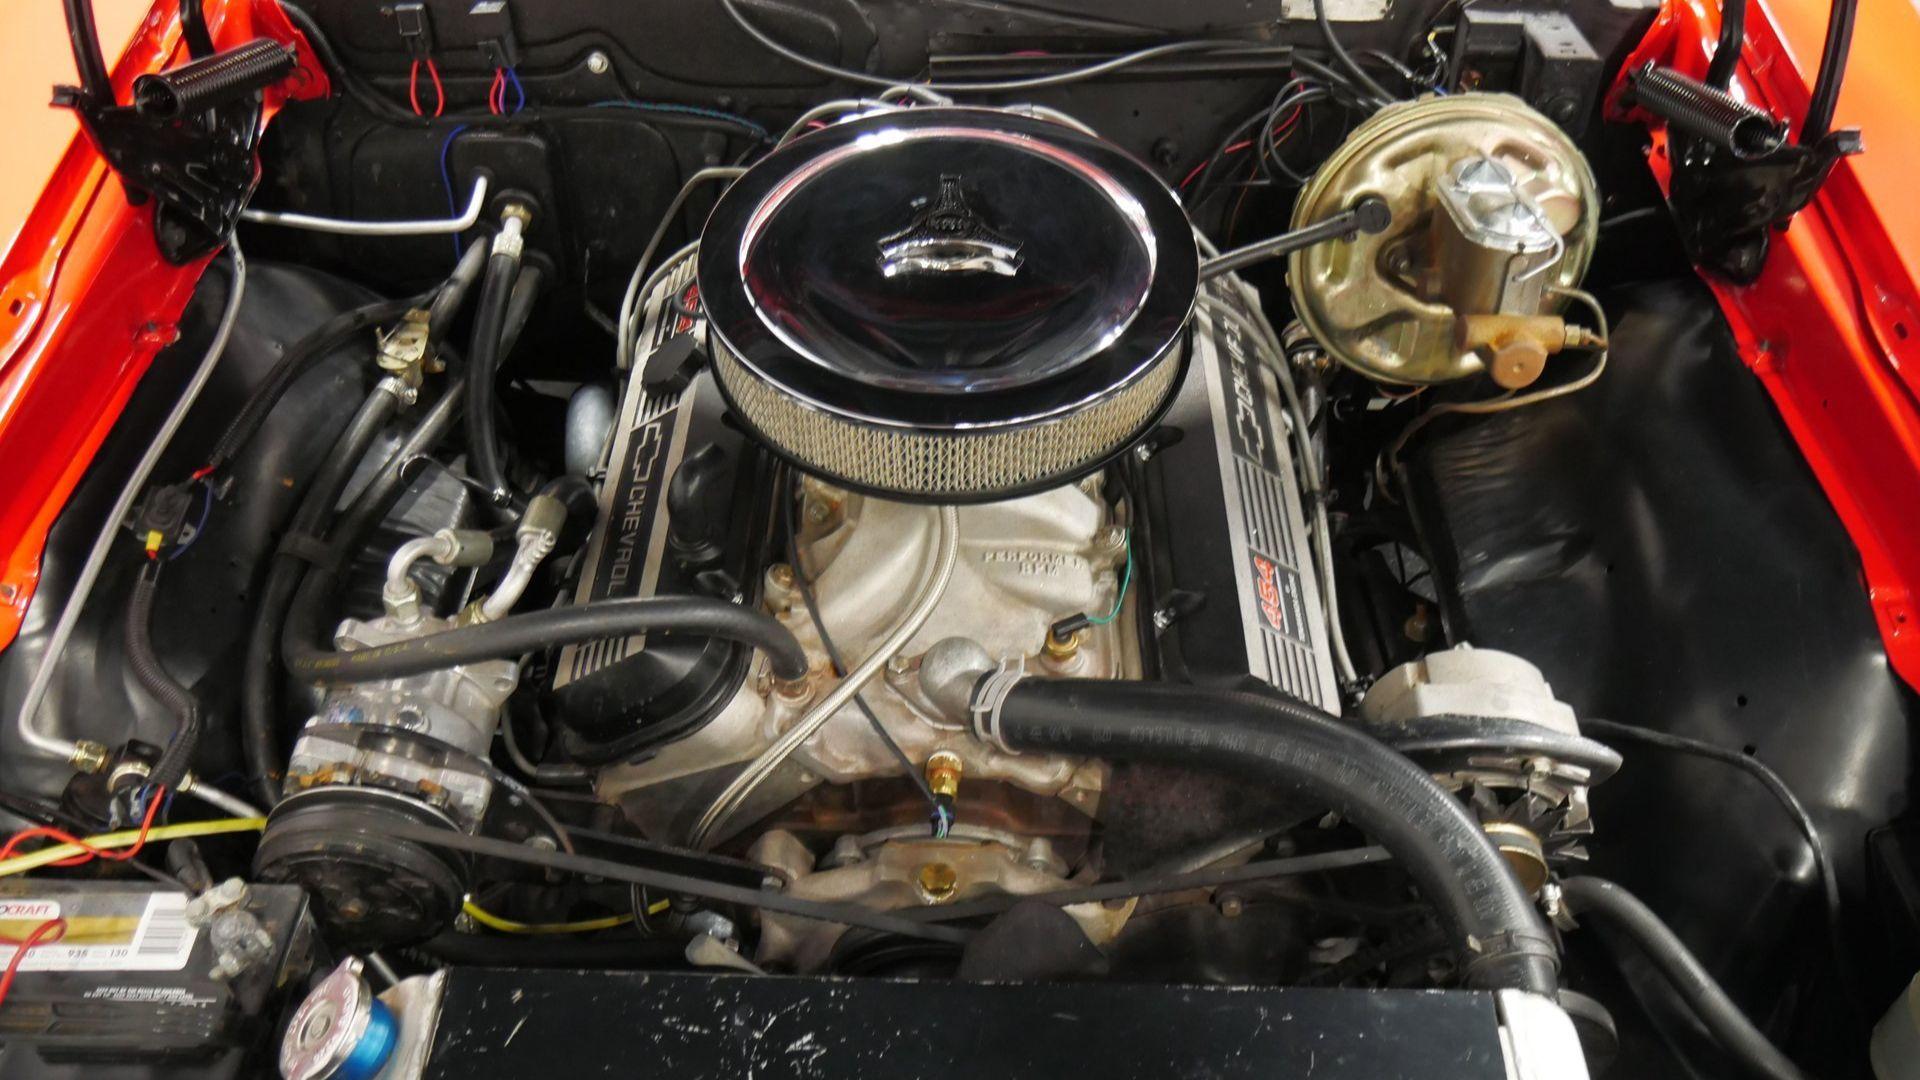 1967 Chevelle SS Packs A Monster 454